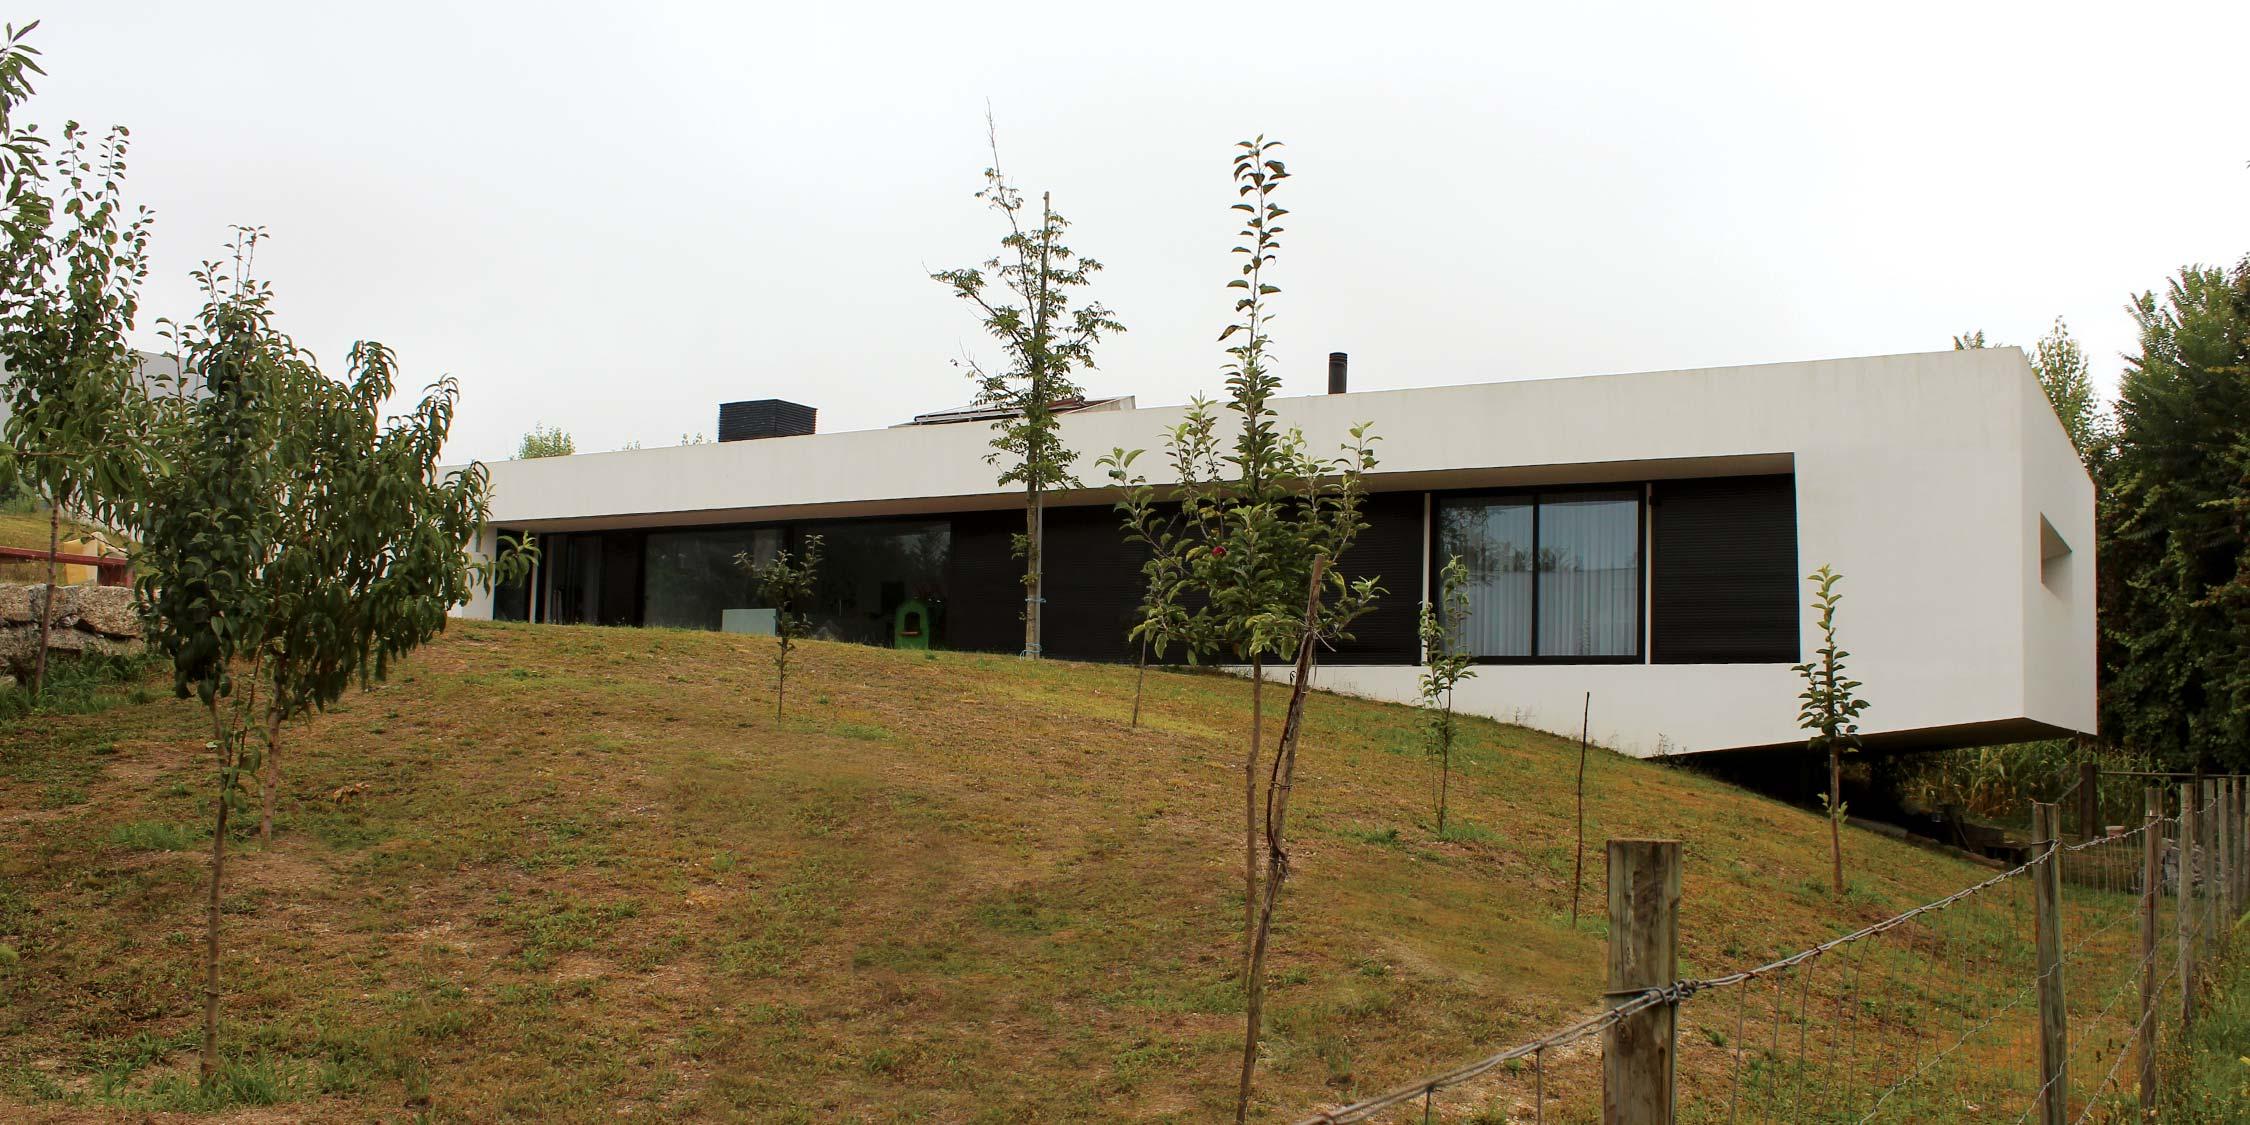 Casa dos Arquitetos, casa cobertura ajardinada. arquitetura moderna volume branco com grandes janelas, inserido na paisagem. projeto Obraatelier